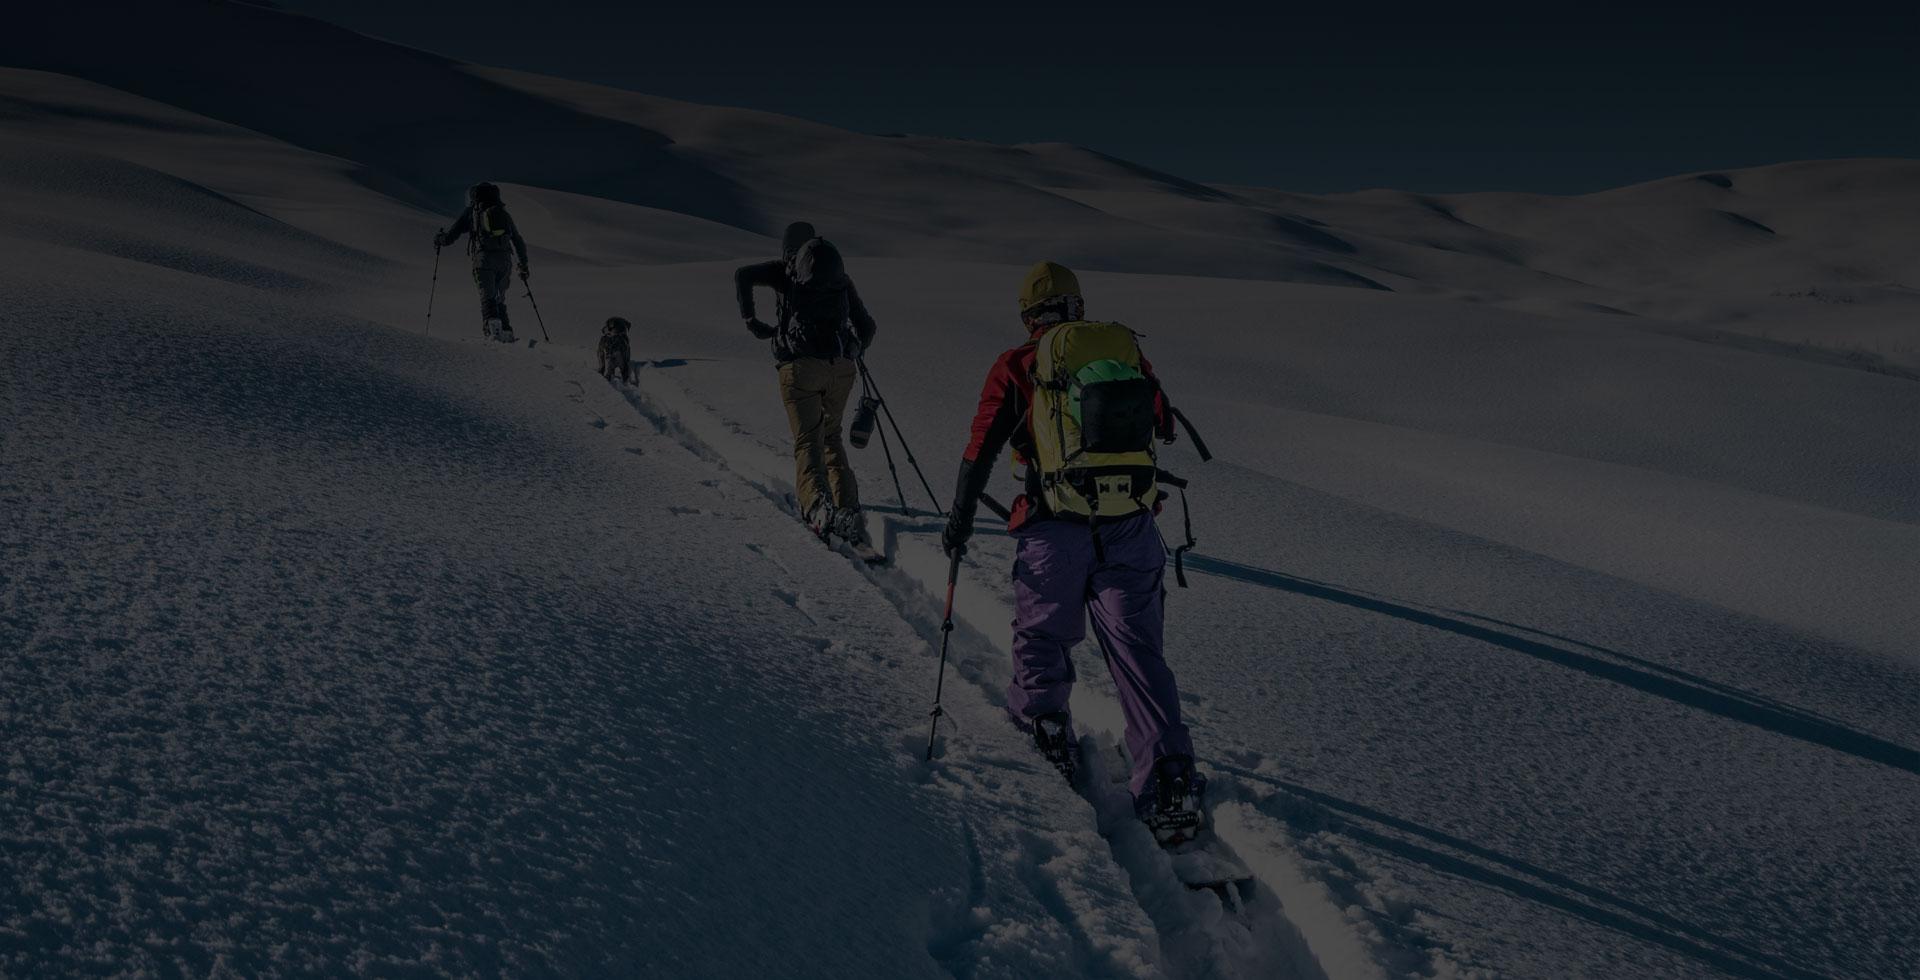 Des conseils pour organiser ses vacances au ski